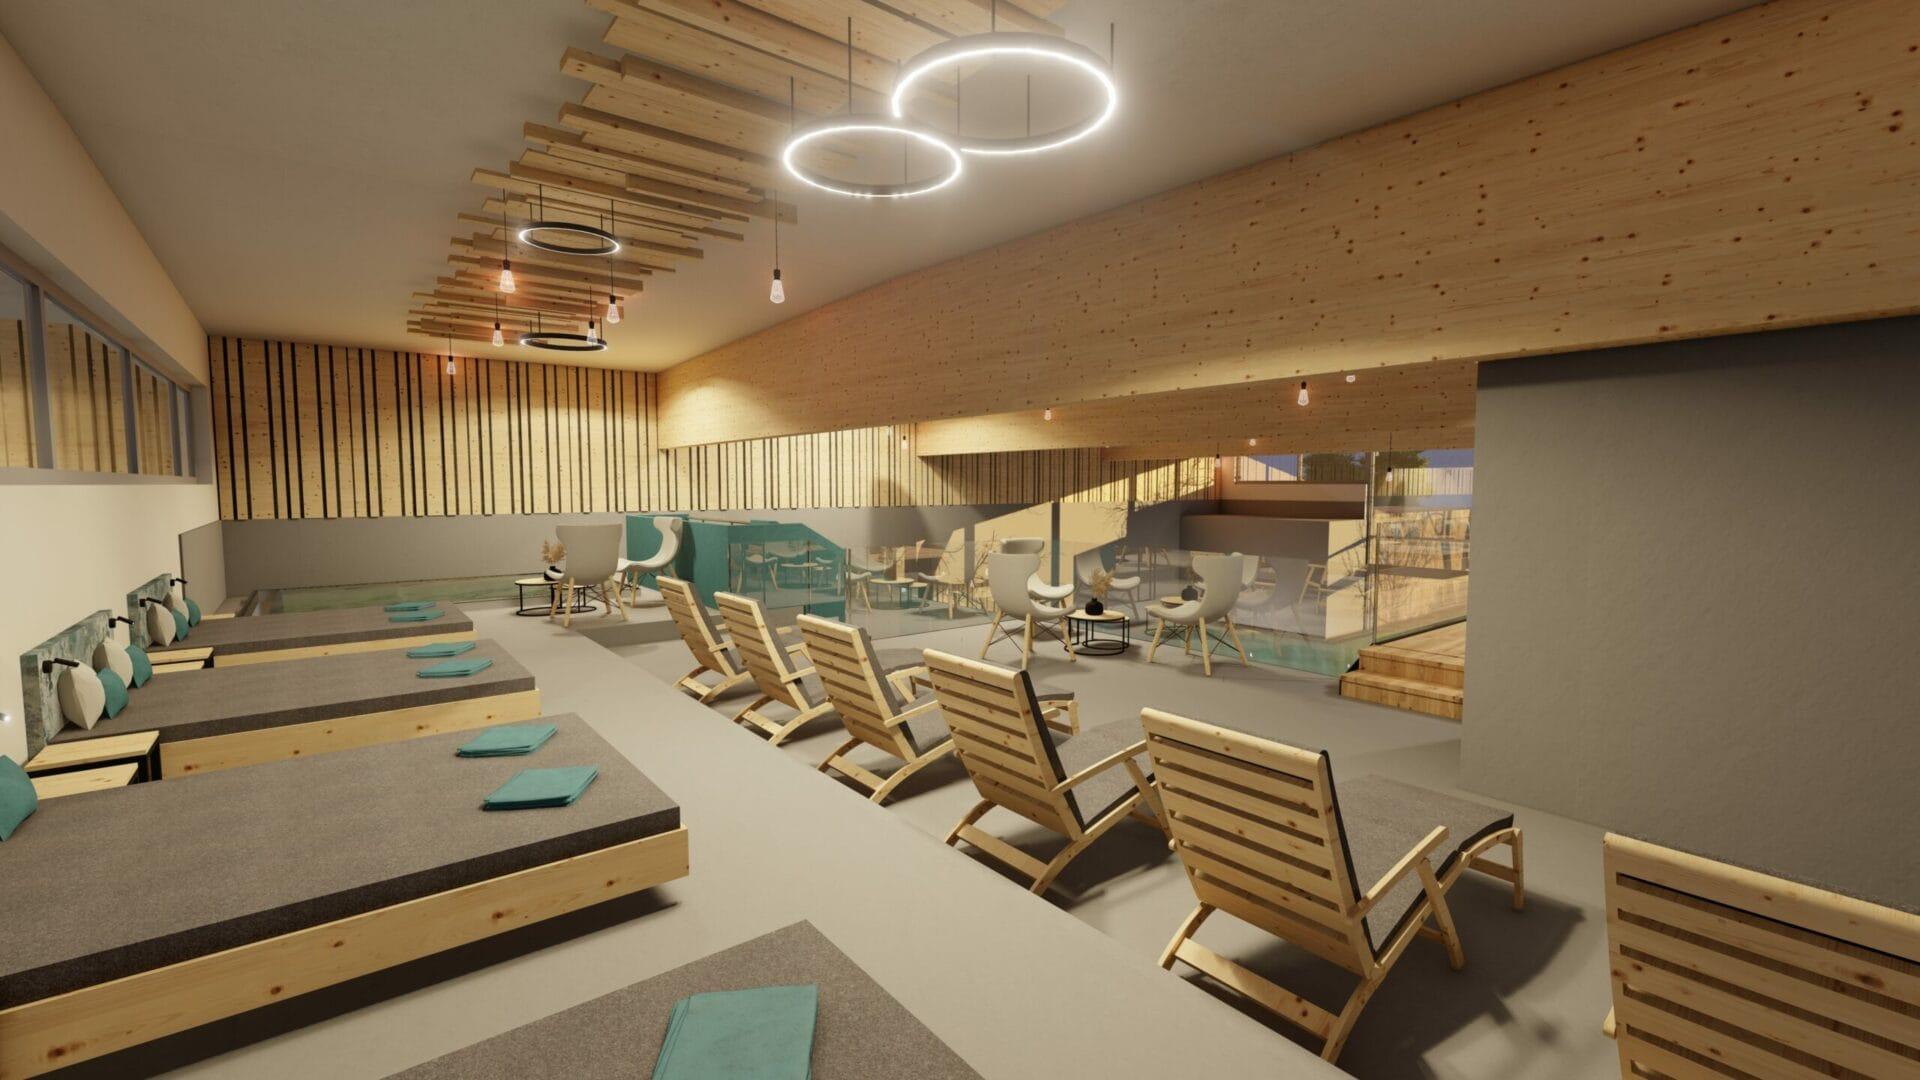 Hofgut-apartment-lifestyle-resort-wagrain-in-und-outdoorpools-hallenbad-liegebereich-1